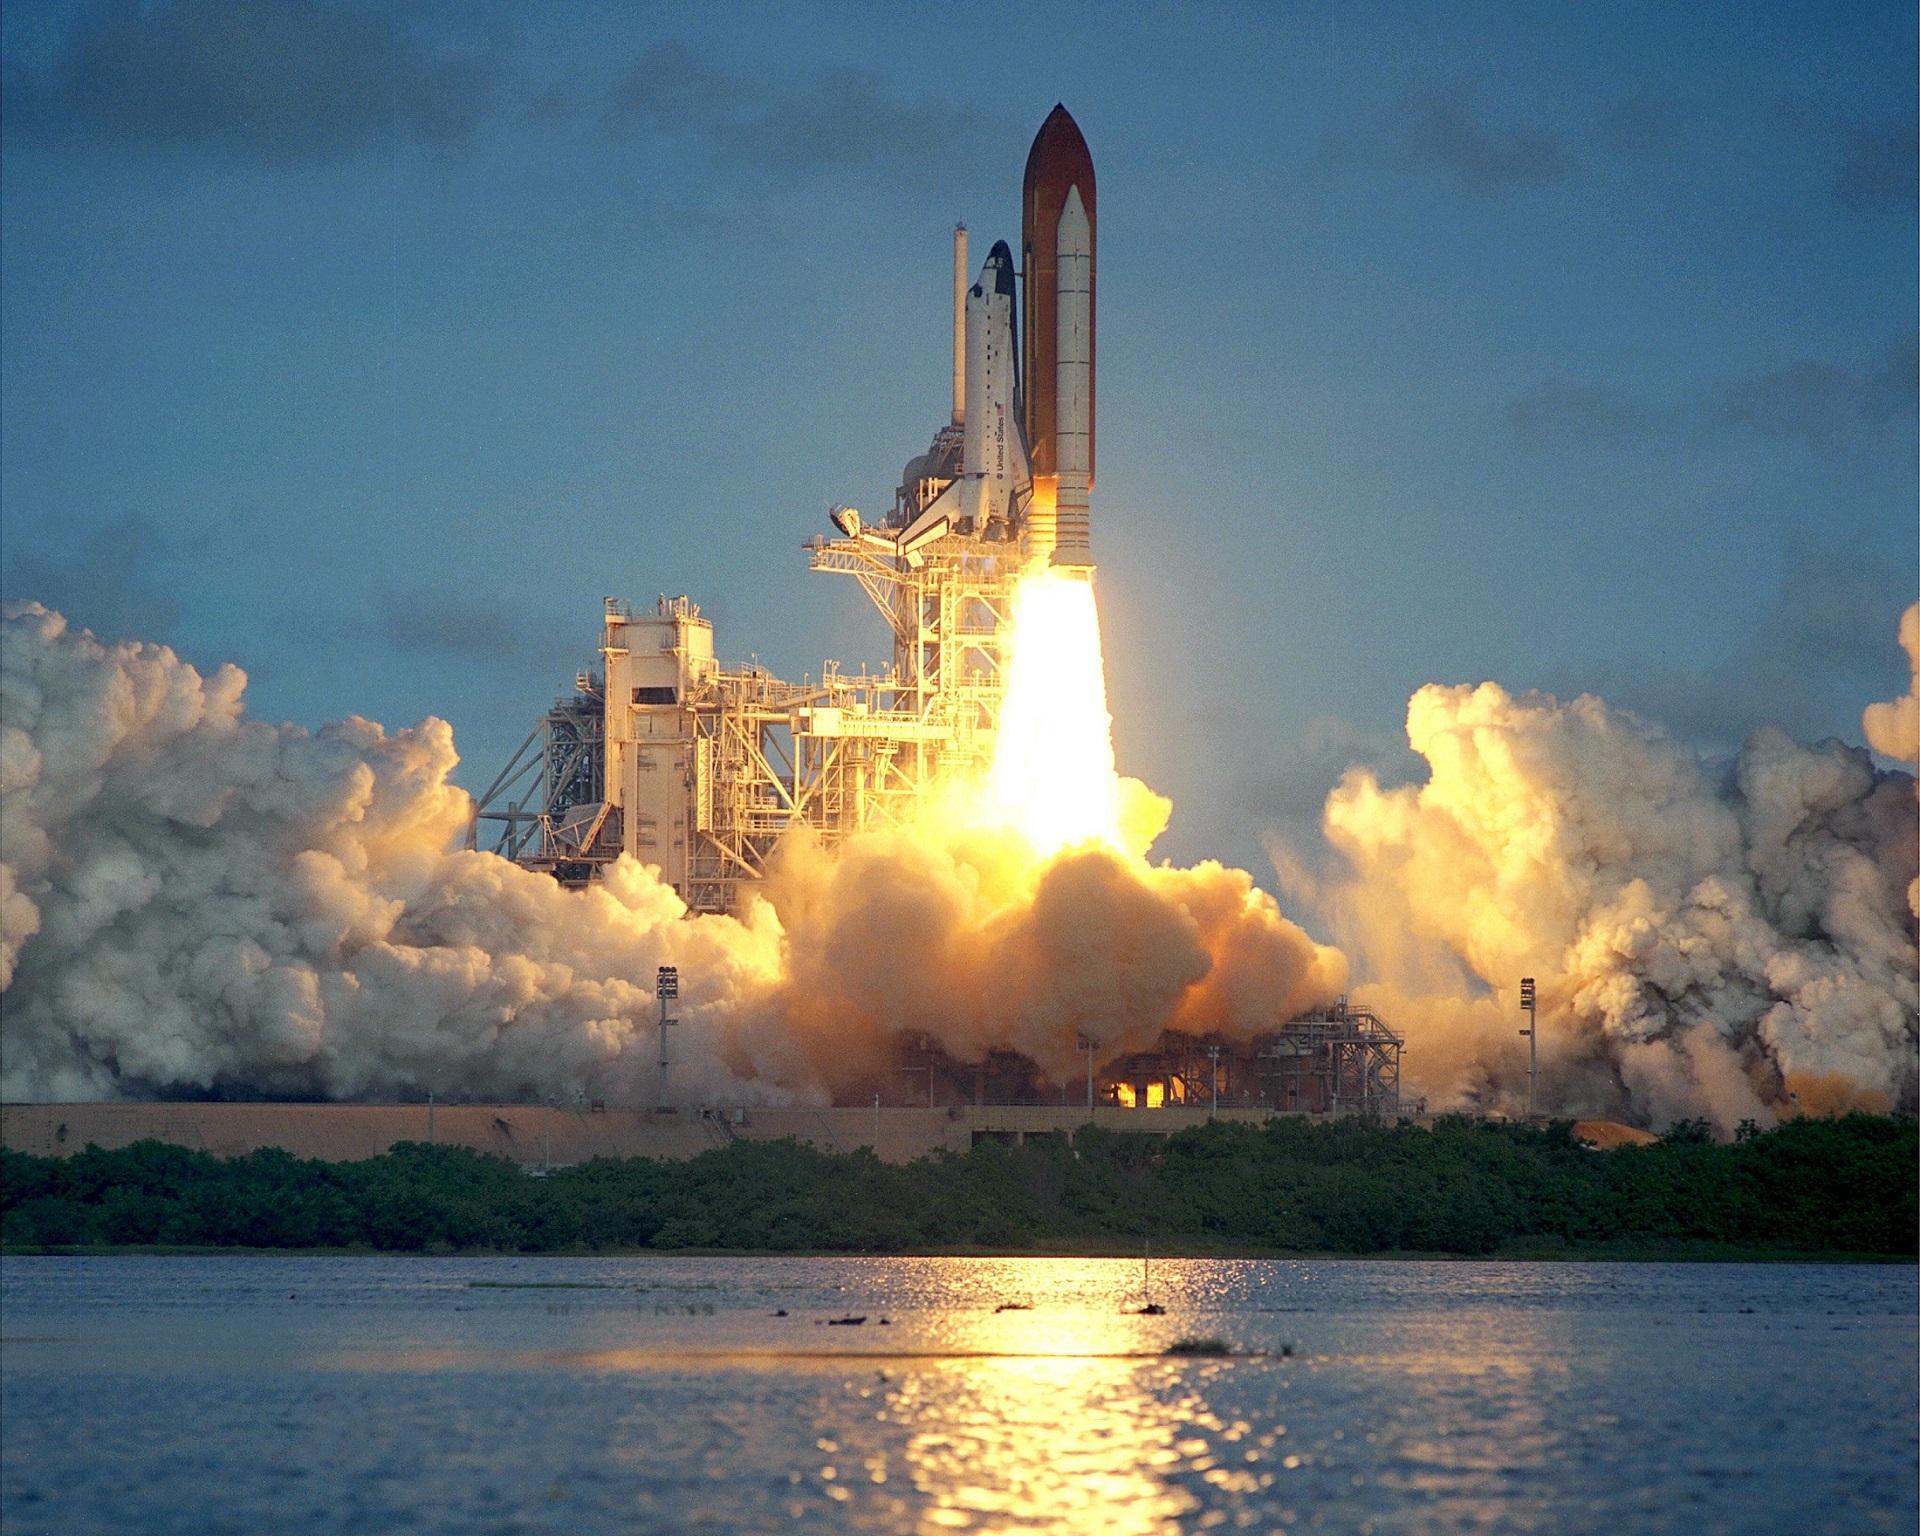 самогон космическая ракета взлет фото это типо последствия